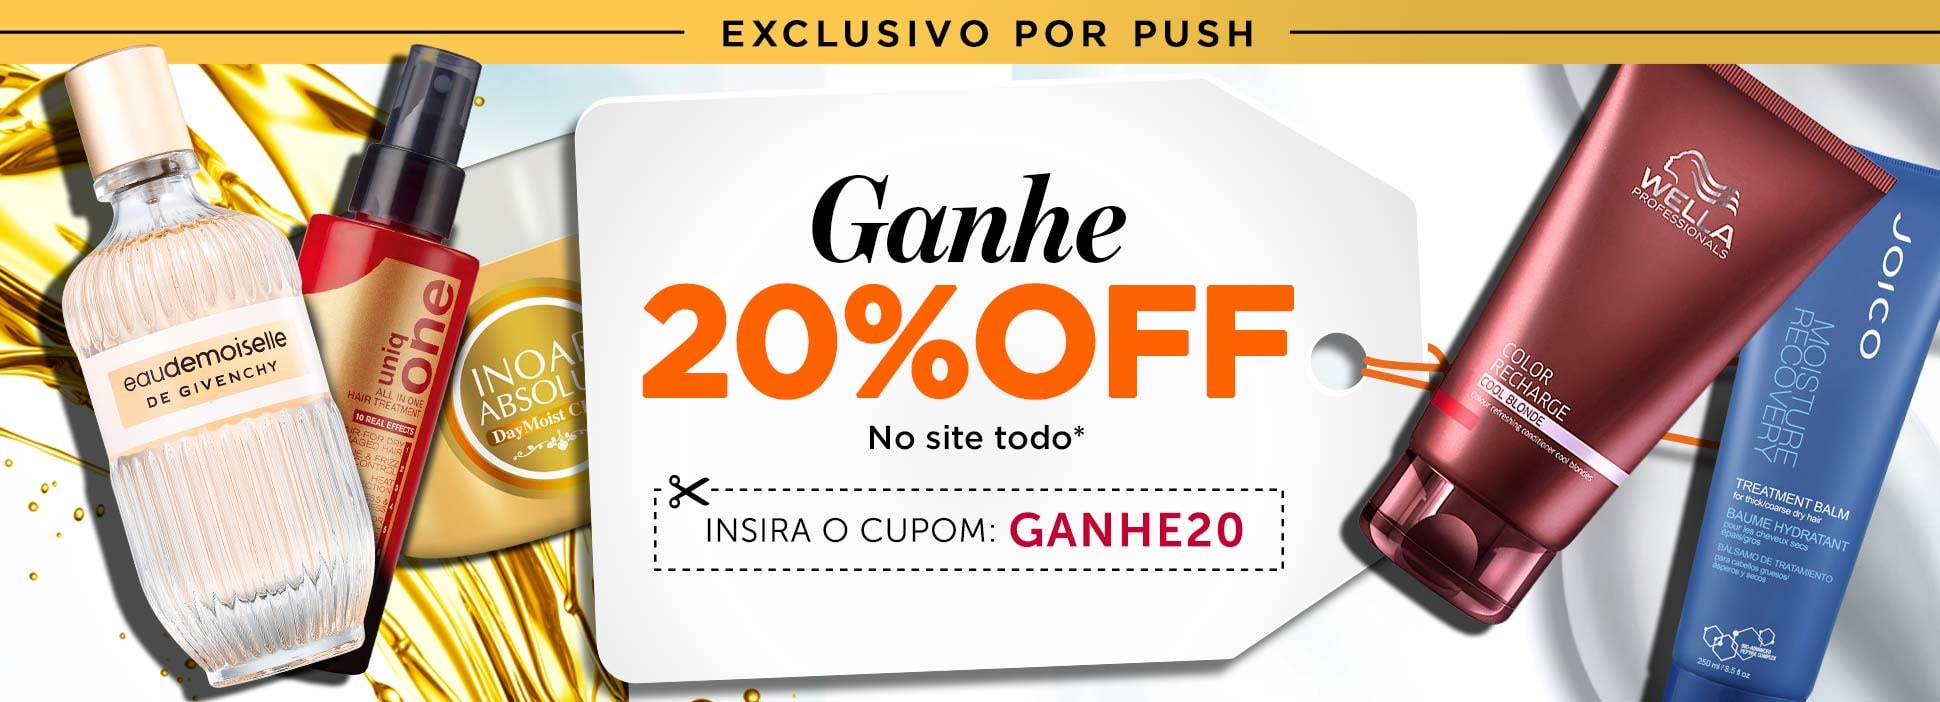 GANHE20